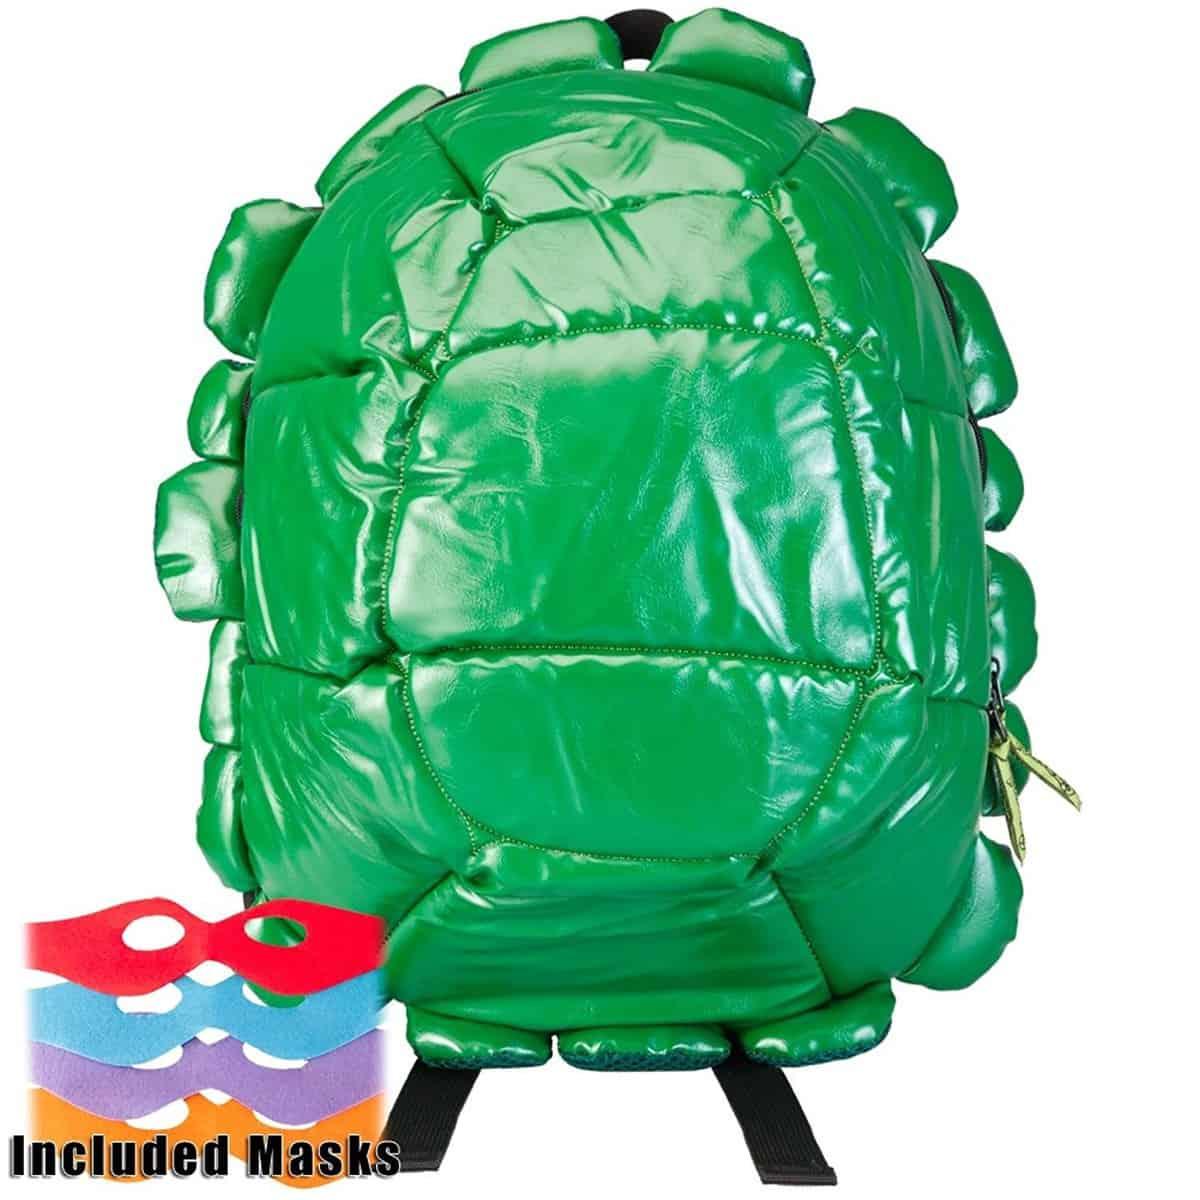 Teenage Mutant Ninja Turtles: Turtle Shield Back Pack with Mask